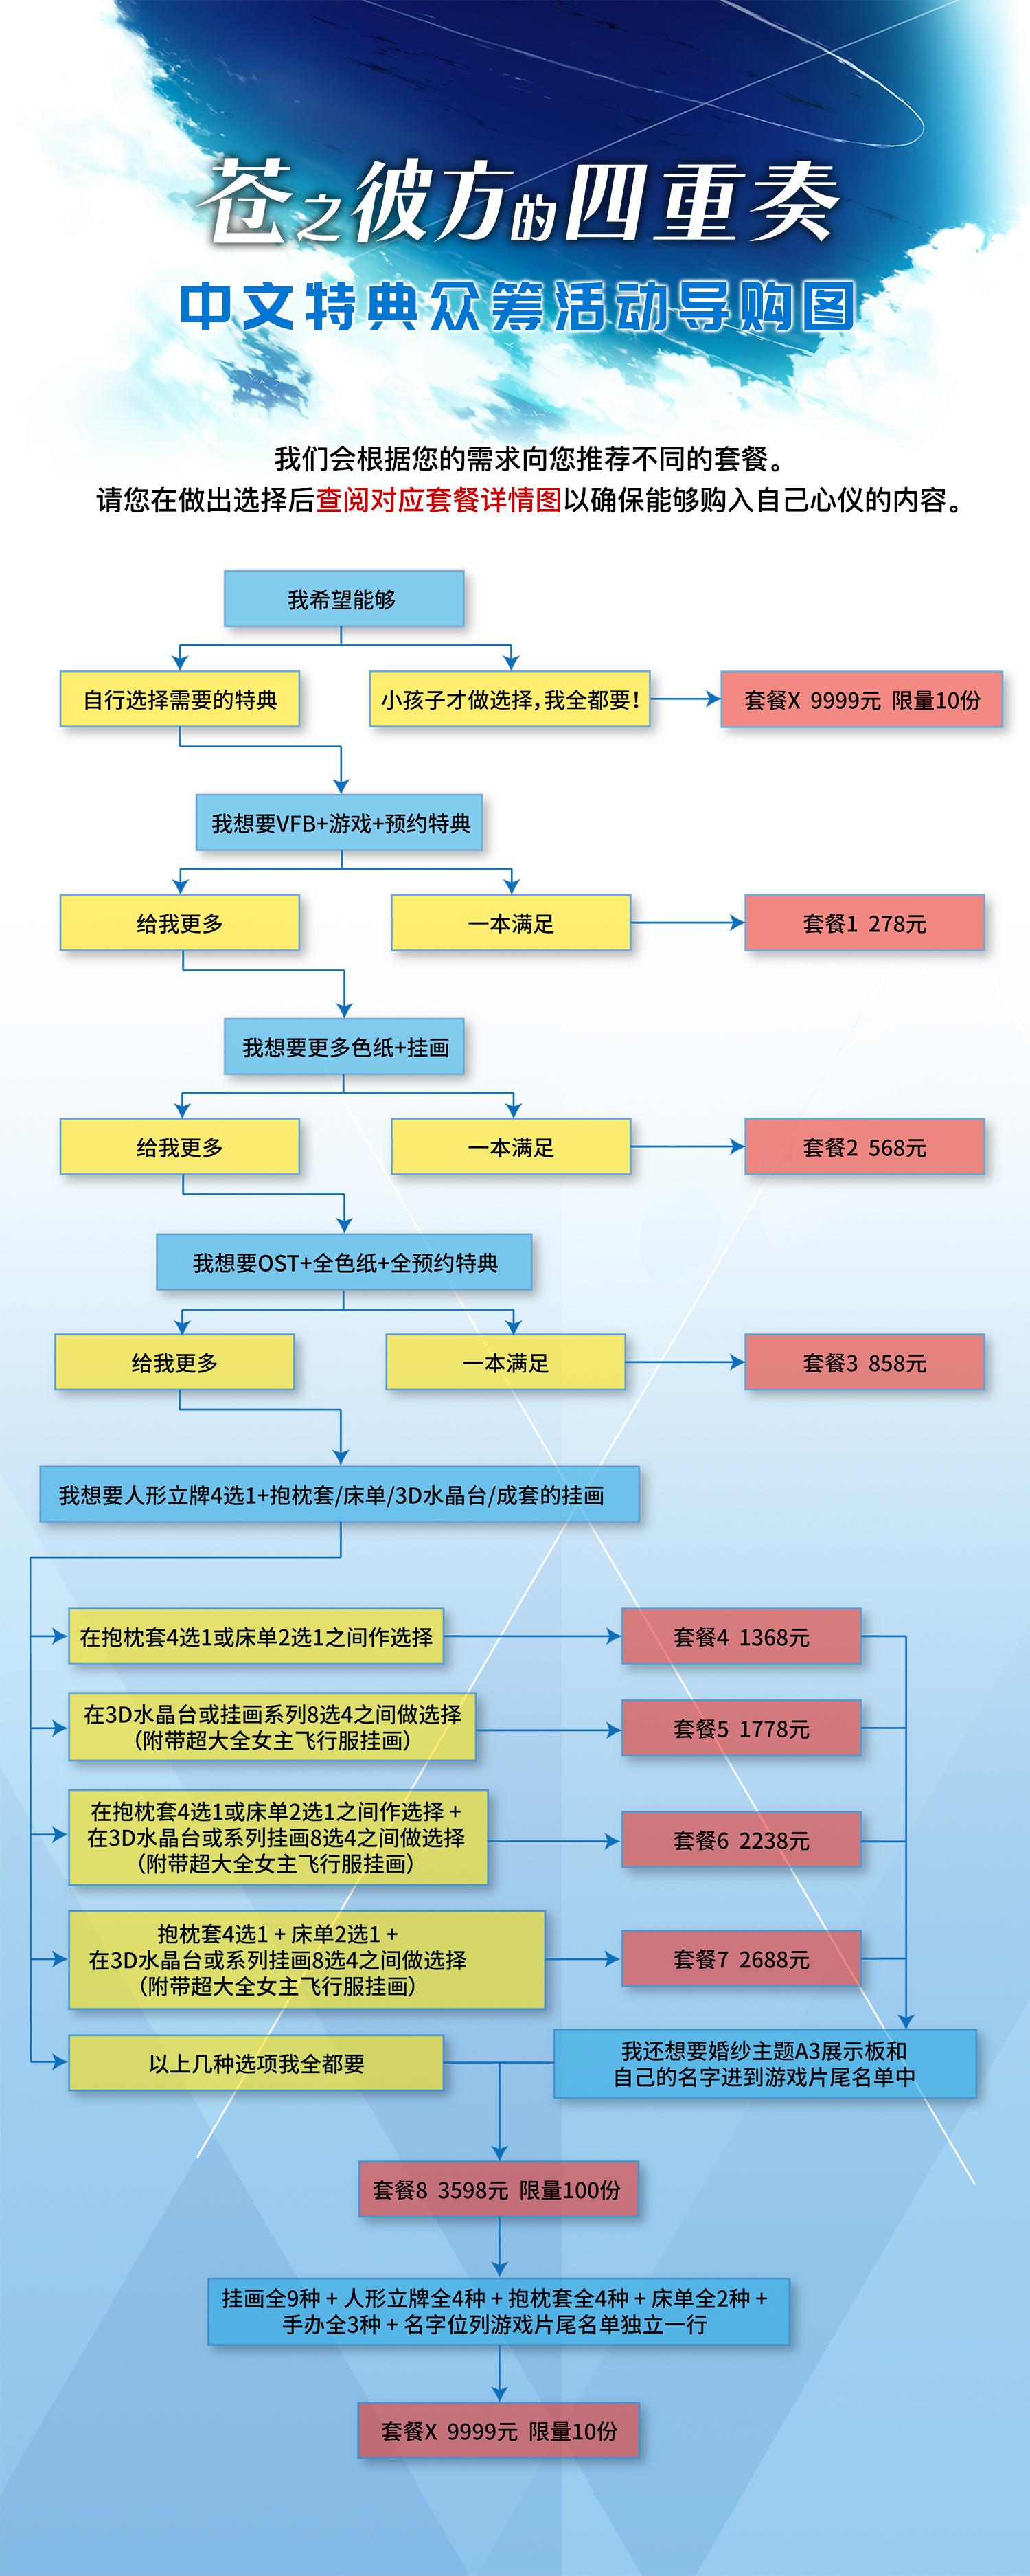 导购流程图 6.jpg